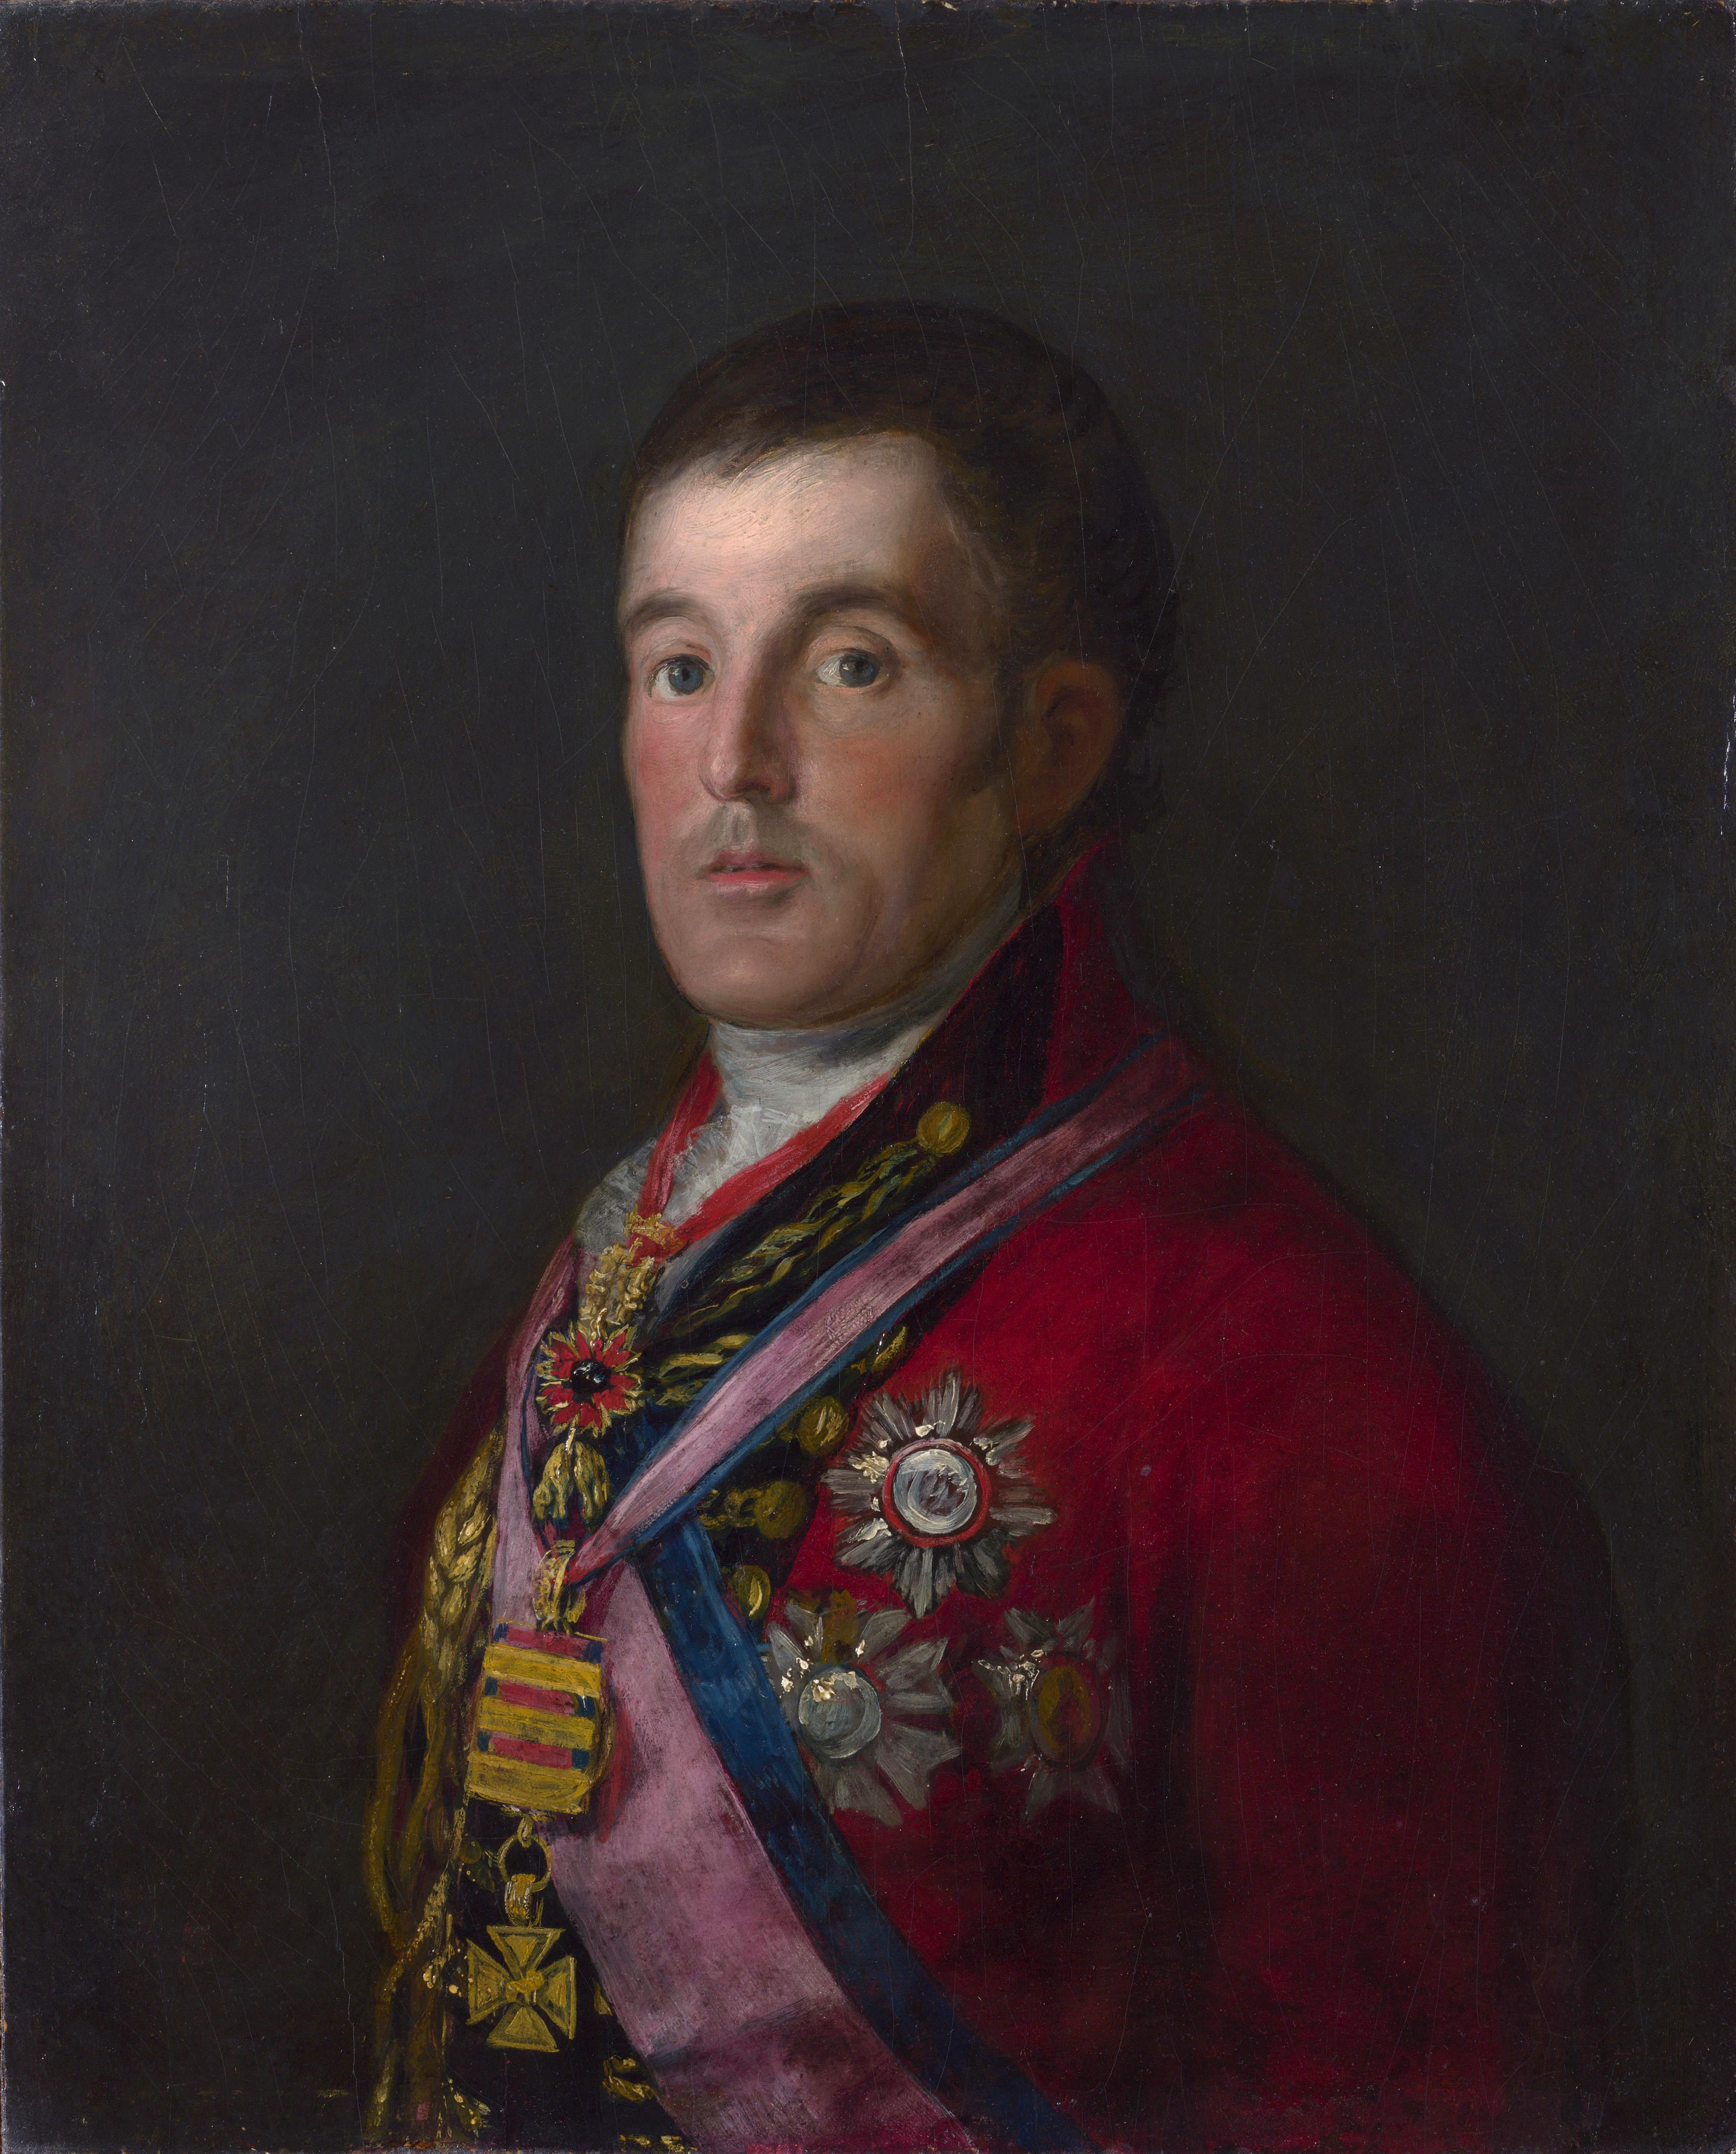 La obra orquestal <em>La victoria de Wellington</em> fue compuesta como homenaje a la victoria sobre los ejércitos napoleónicos en la batalla de Vitoria por parte del duque de Wellington y alcanzó gran popularidad.